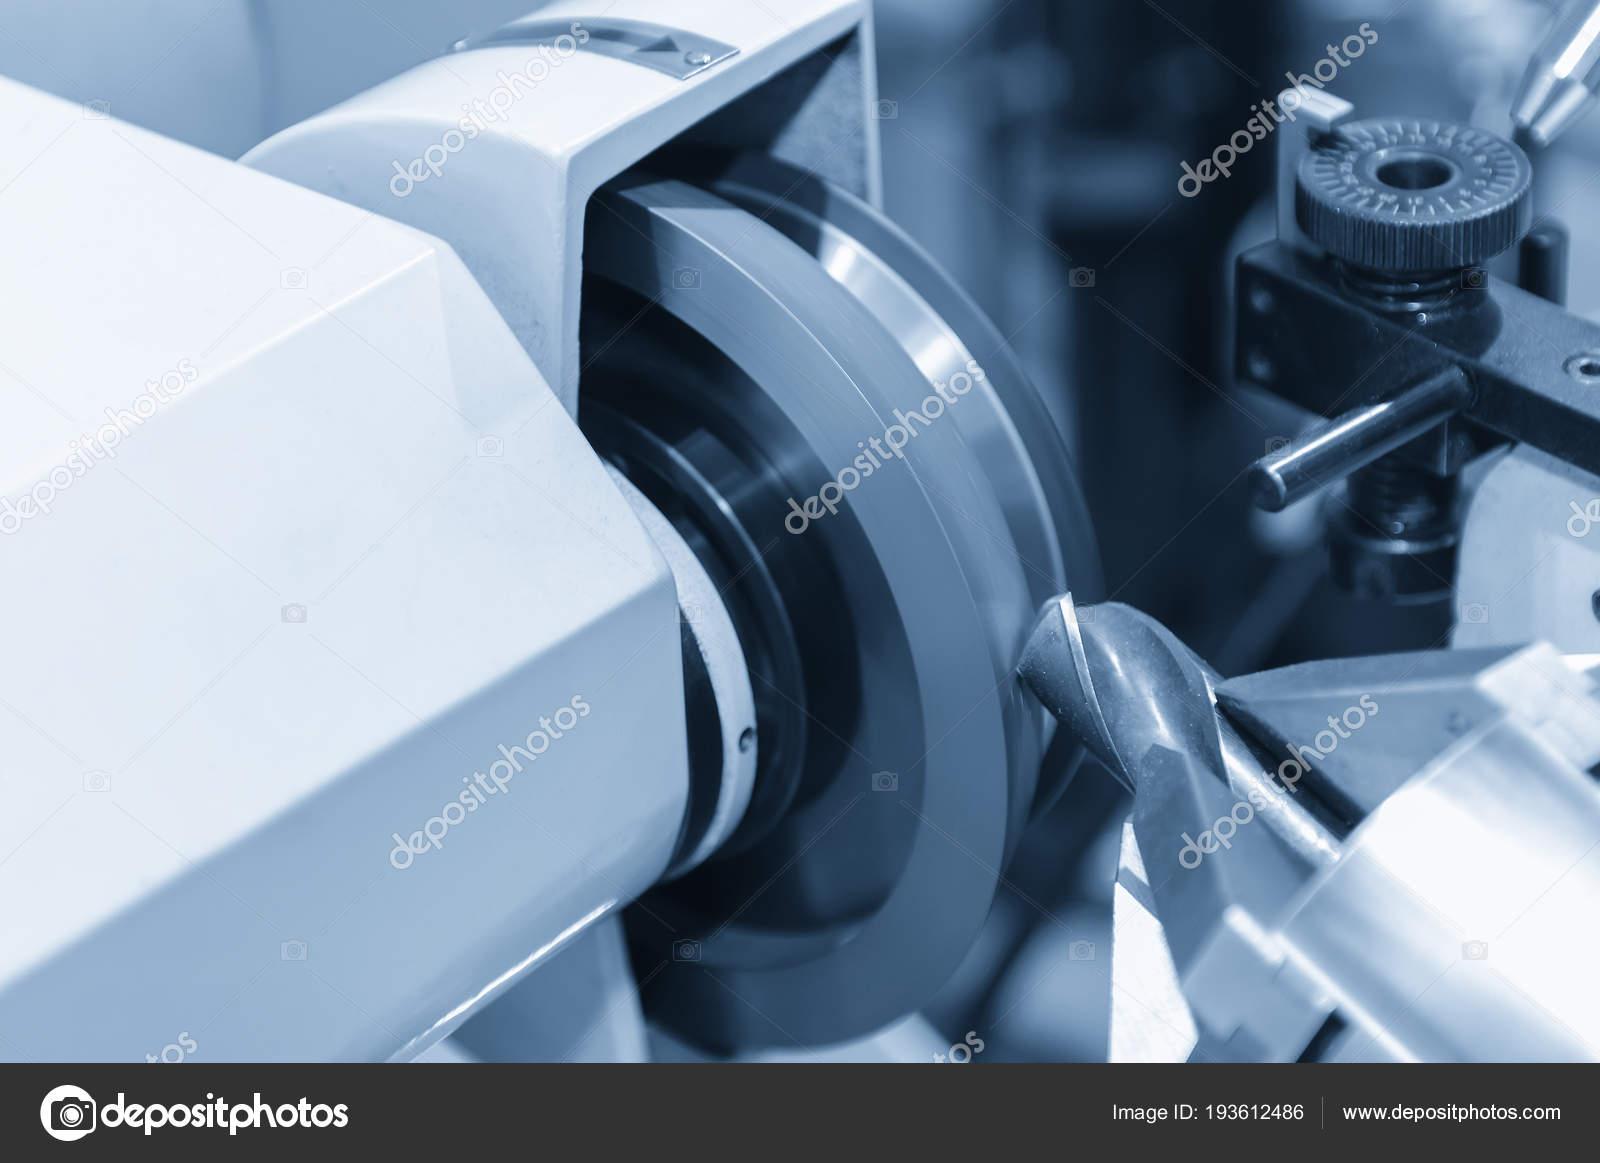 die fase werkzeug schärfen — stockfoto © phuchit.a@gmail #193612486